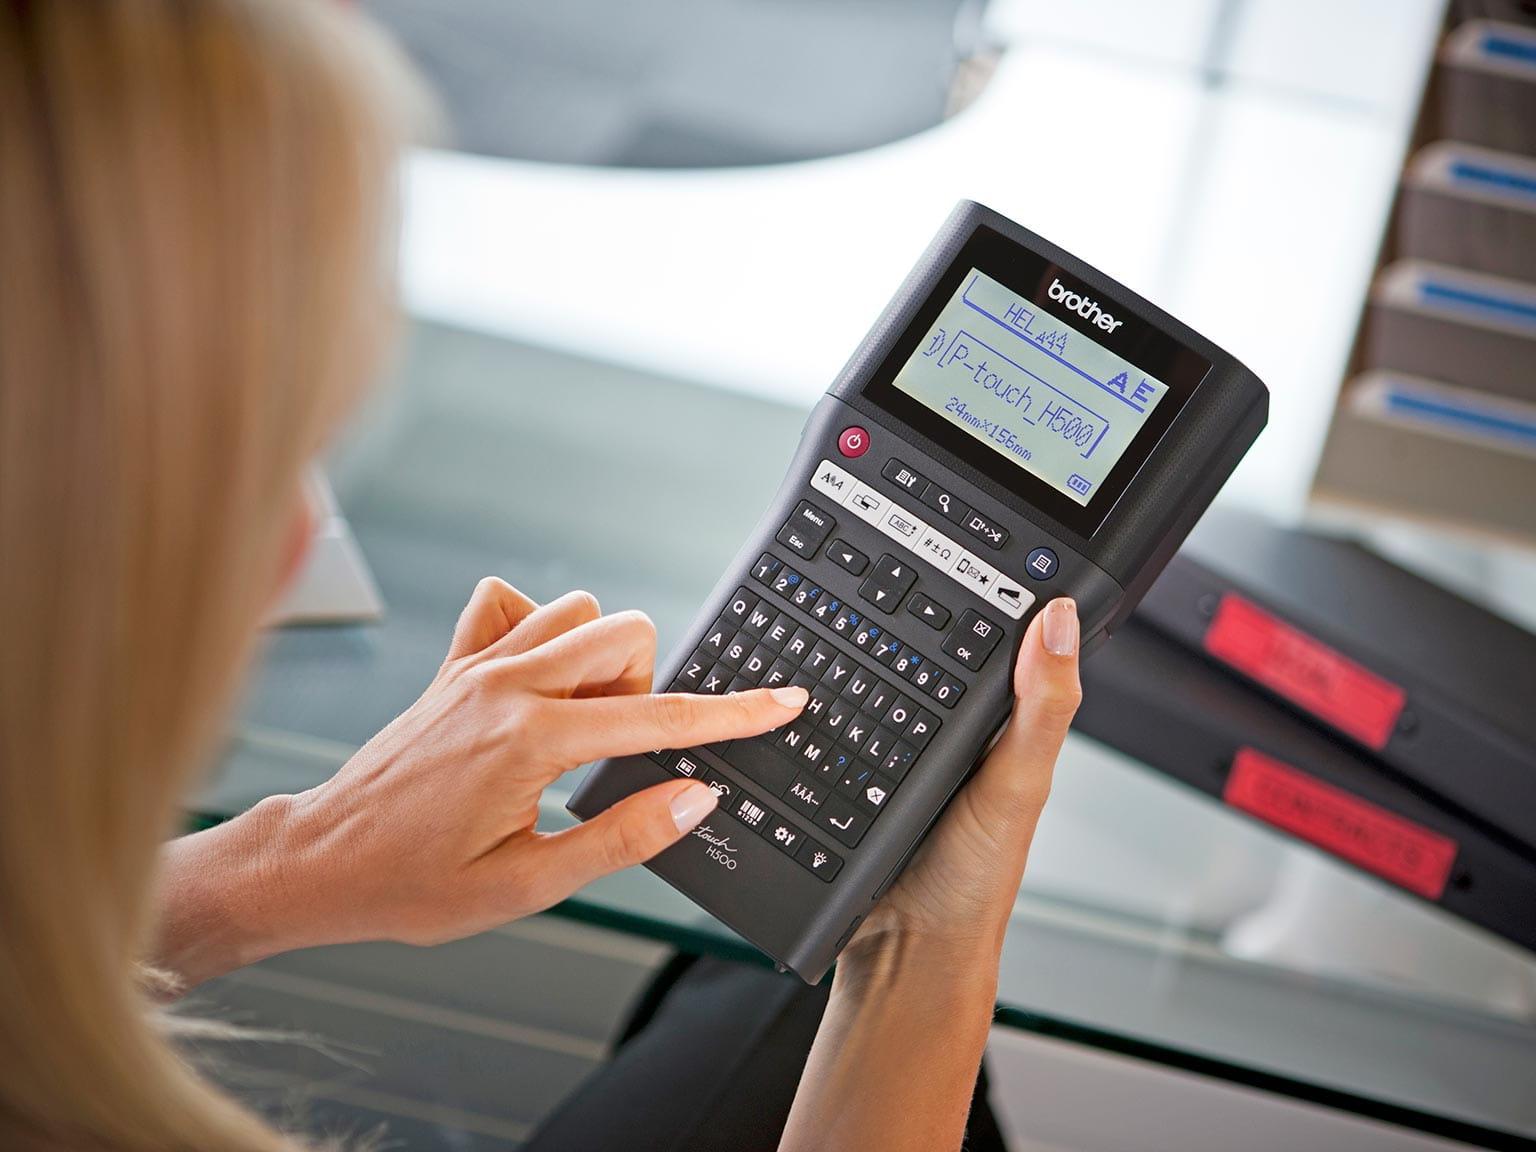 Imprimantă de etichete P-touch H500 imprimând o etichetă